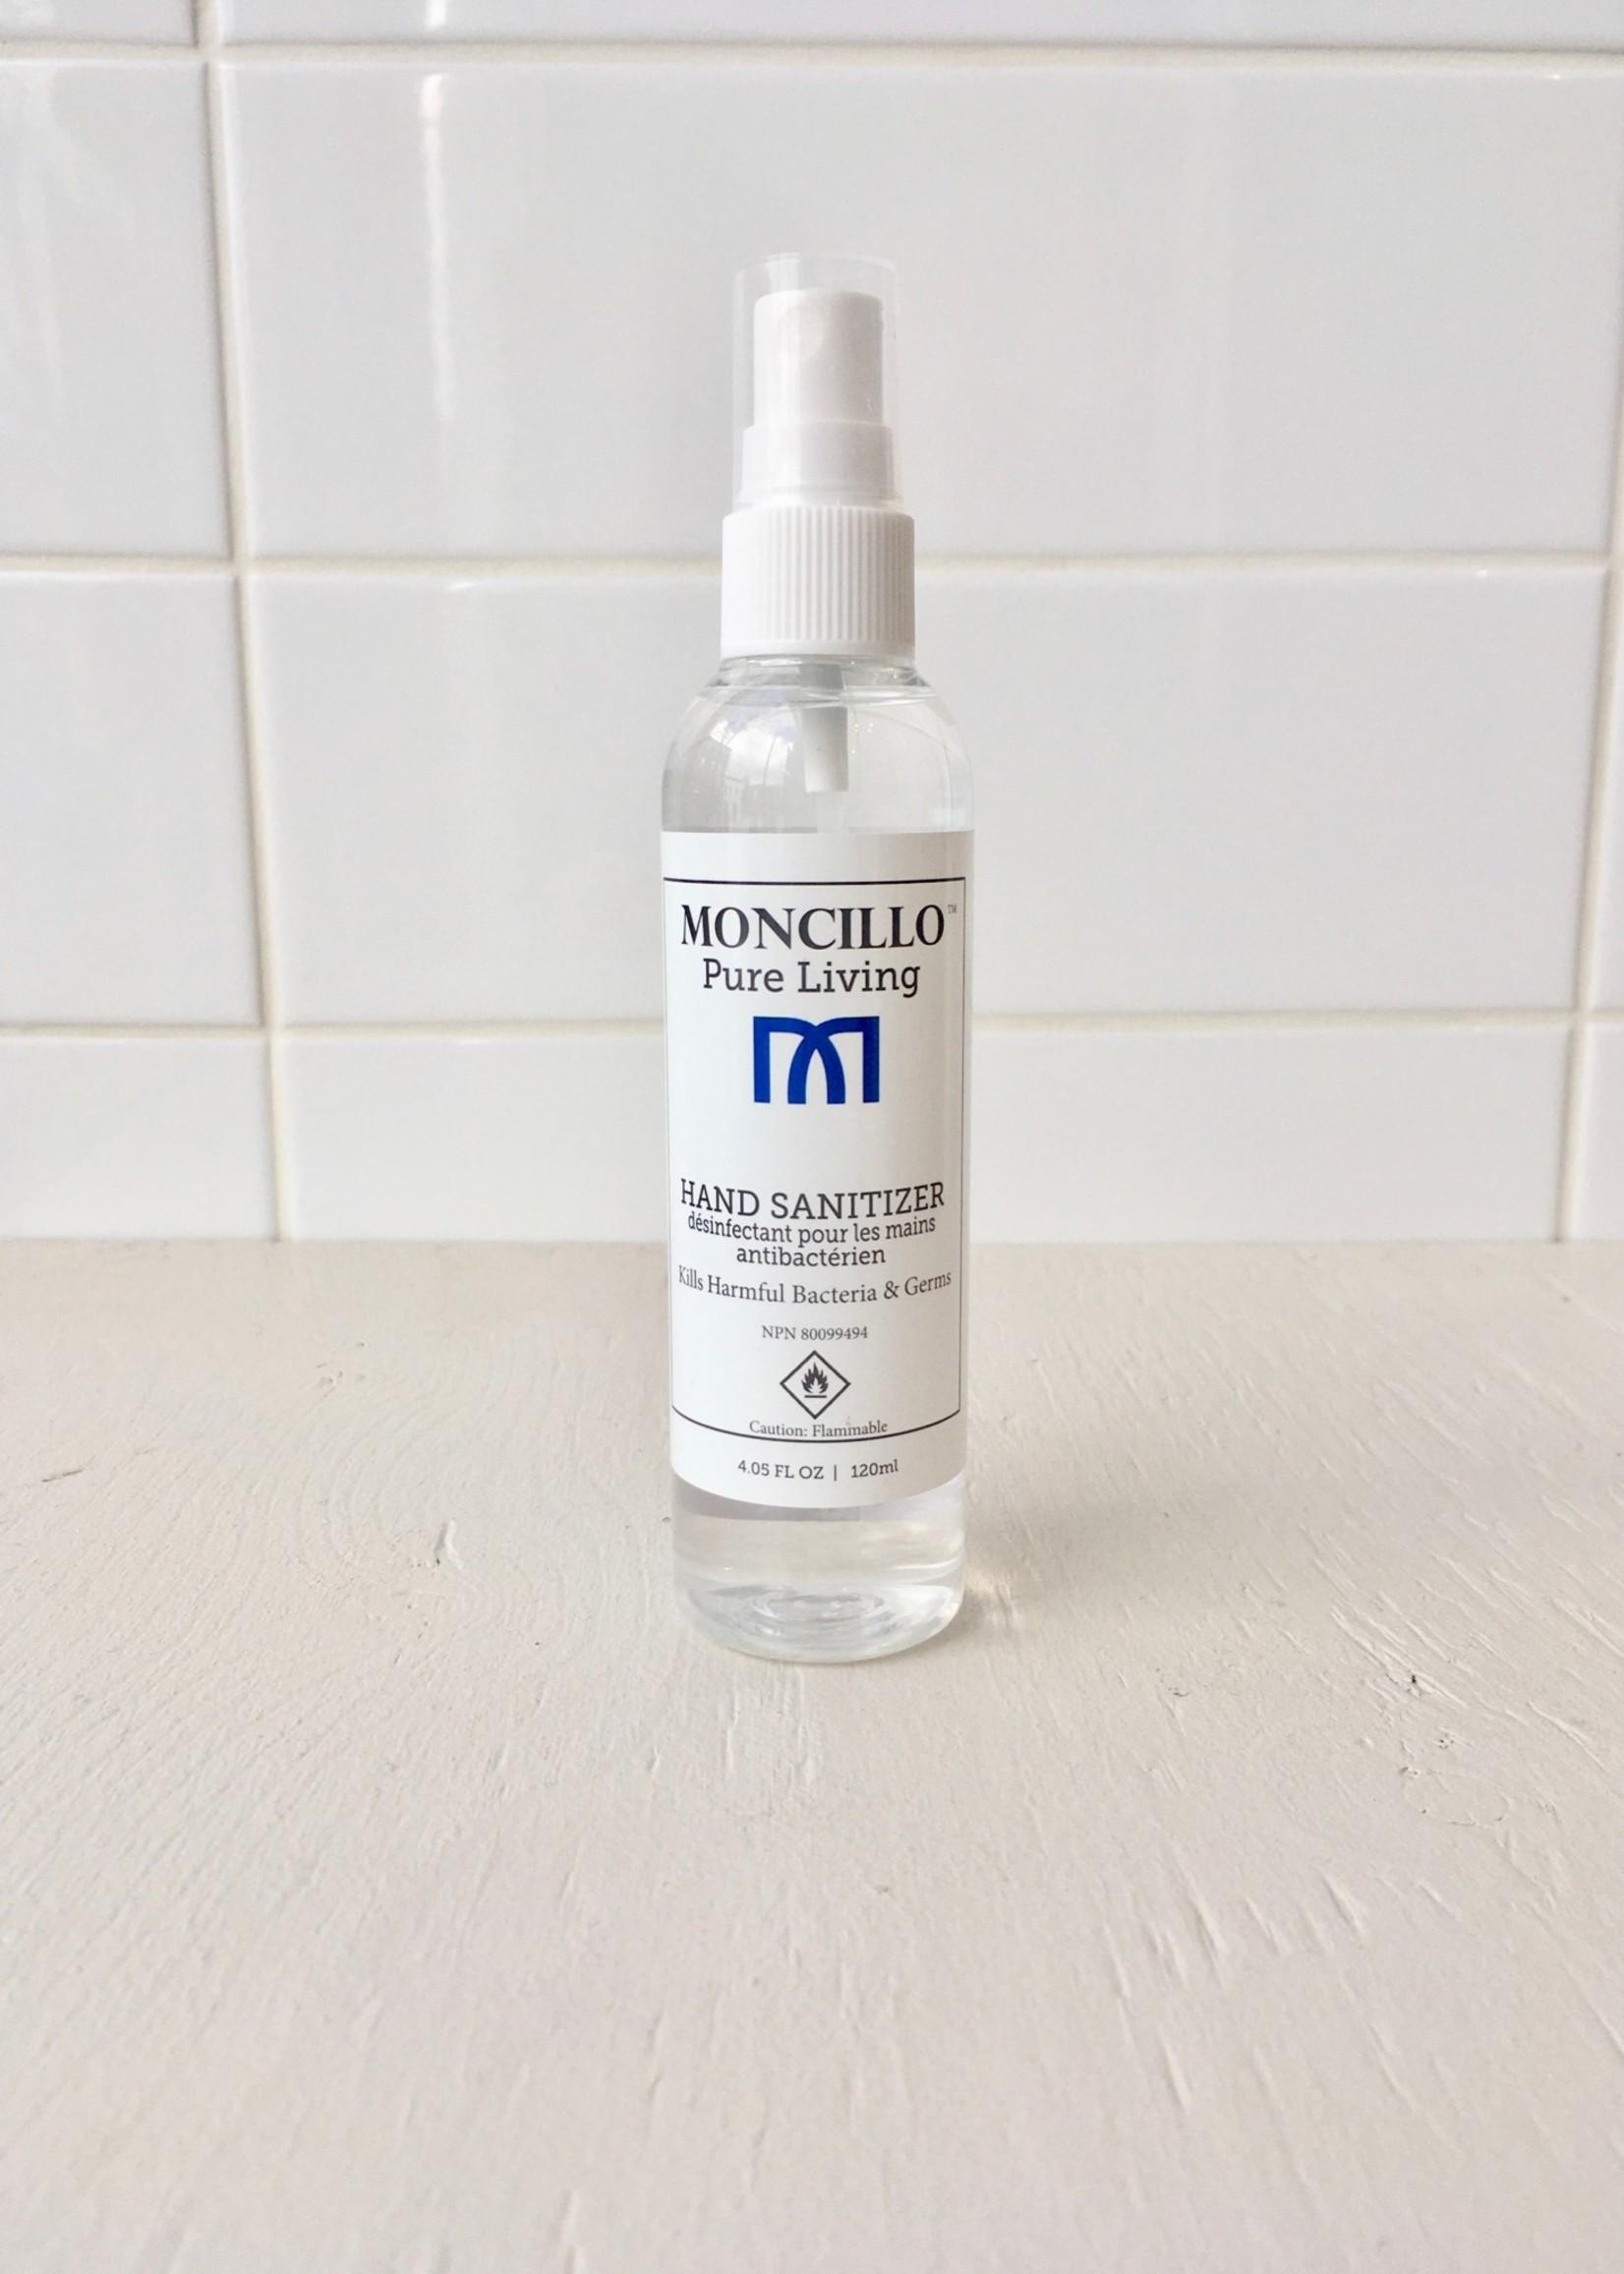 Moncillo 4oz Spray Hand Sanitizer